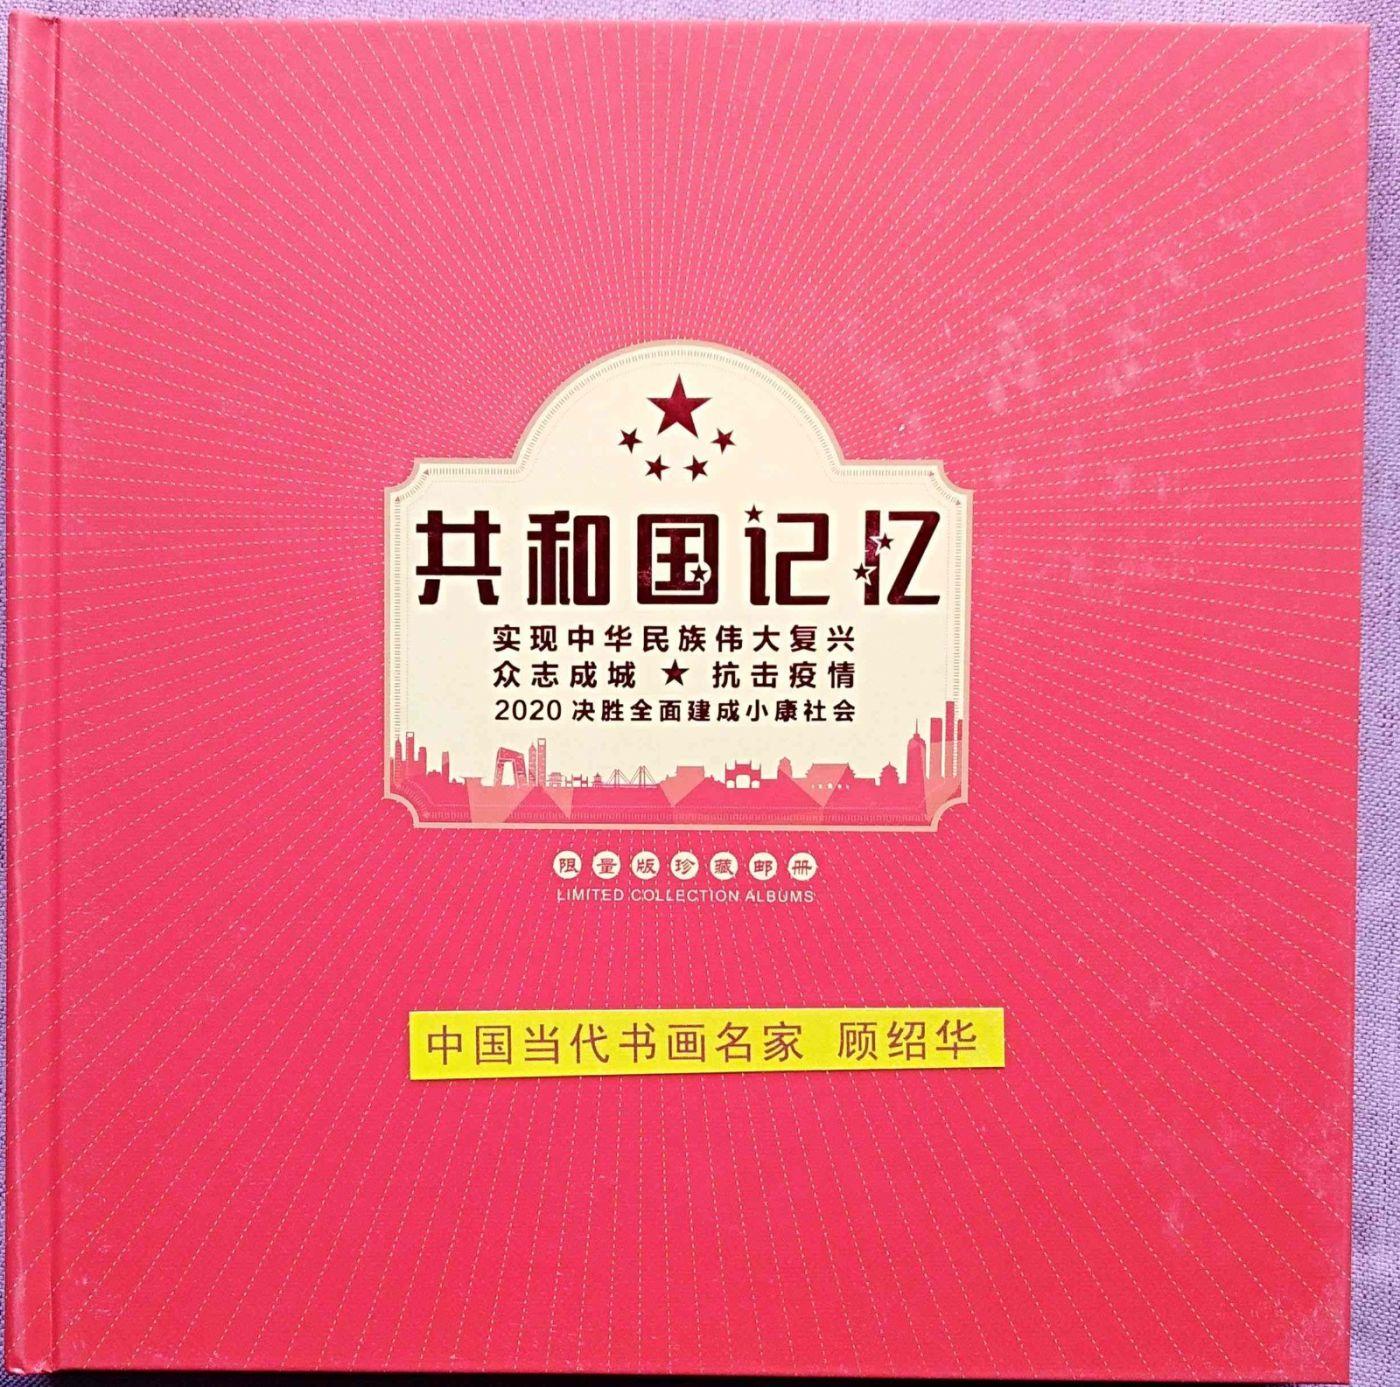 """""""顾绍骅的诗情画意""""入选《共和国记忆 ·中国书画艺术名家》限量版集邮珍藏册 ..._图1-2"""